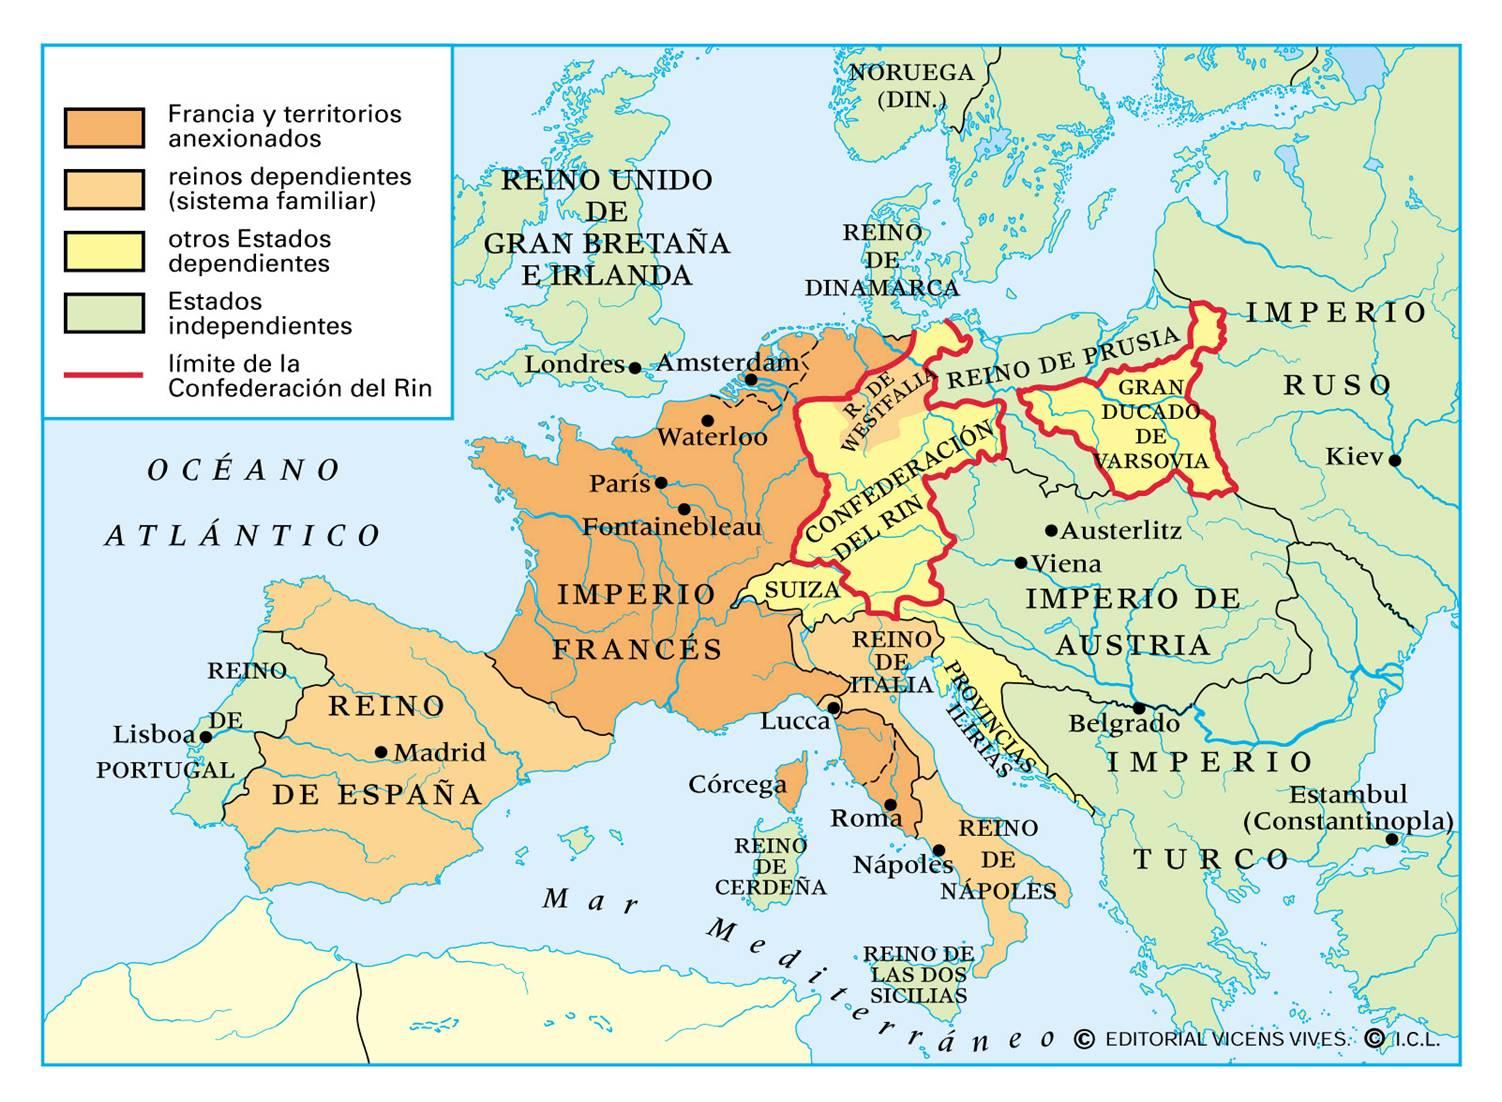 El Imperio Napoleónico (1804-1815)